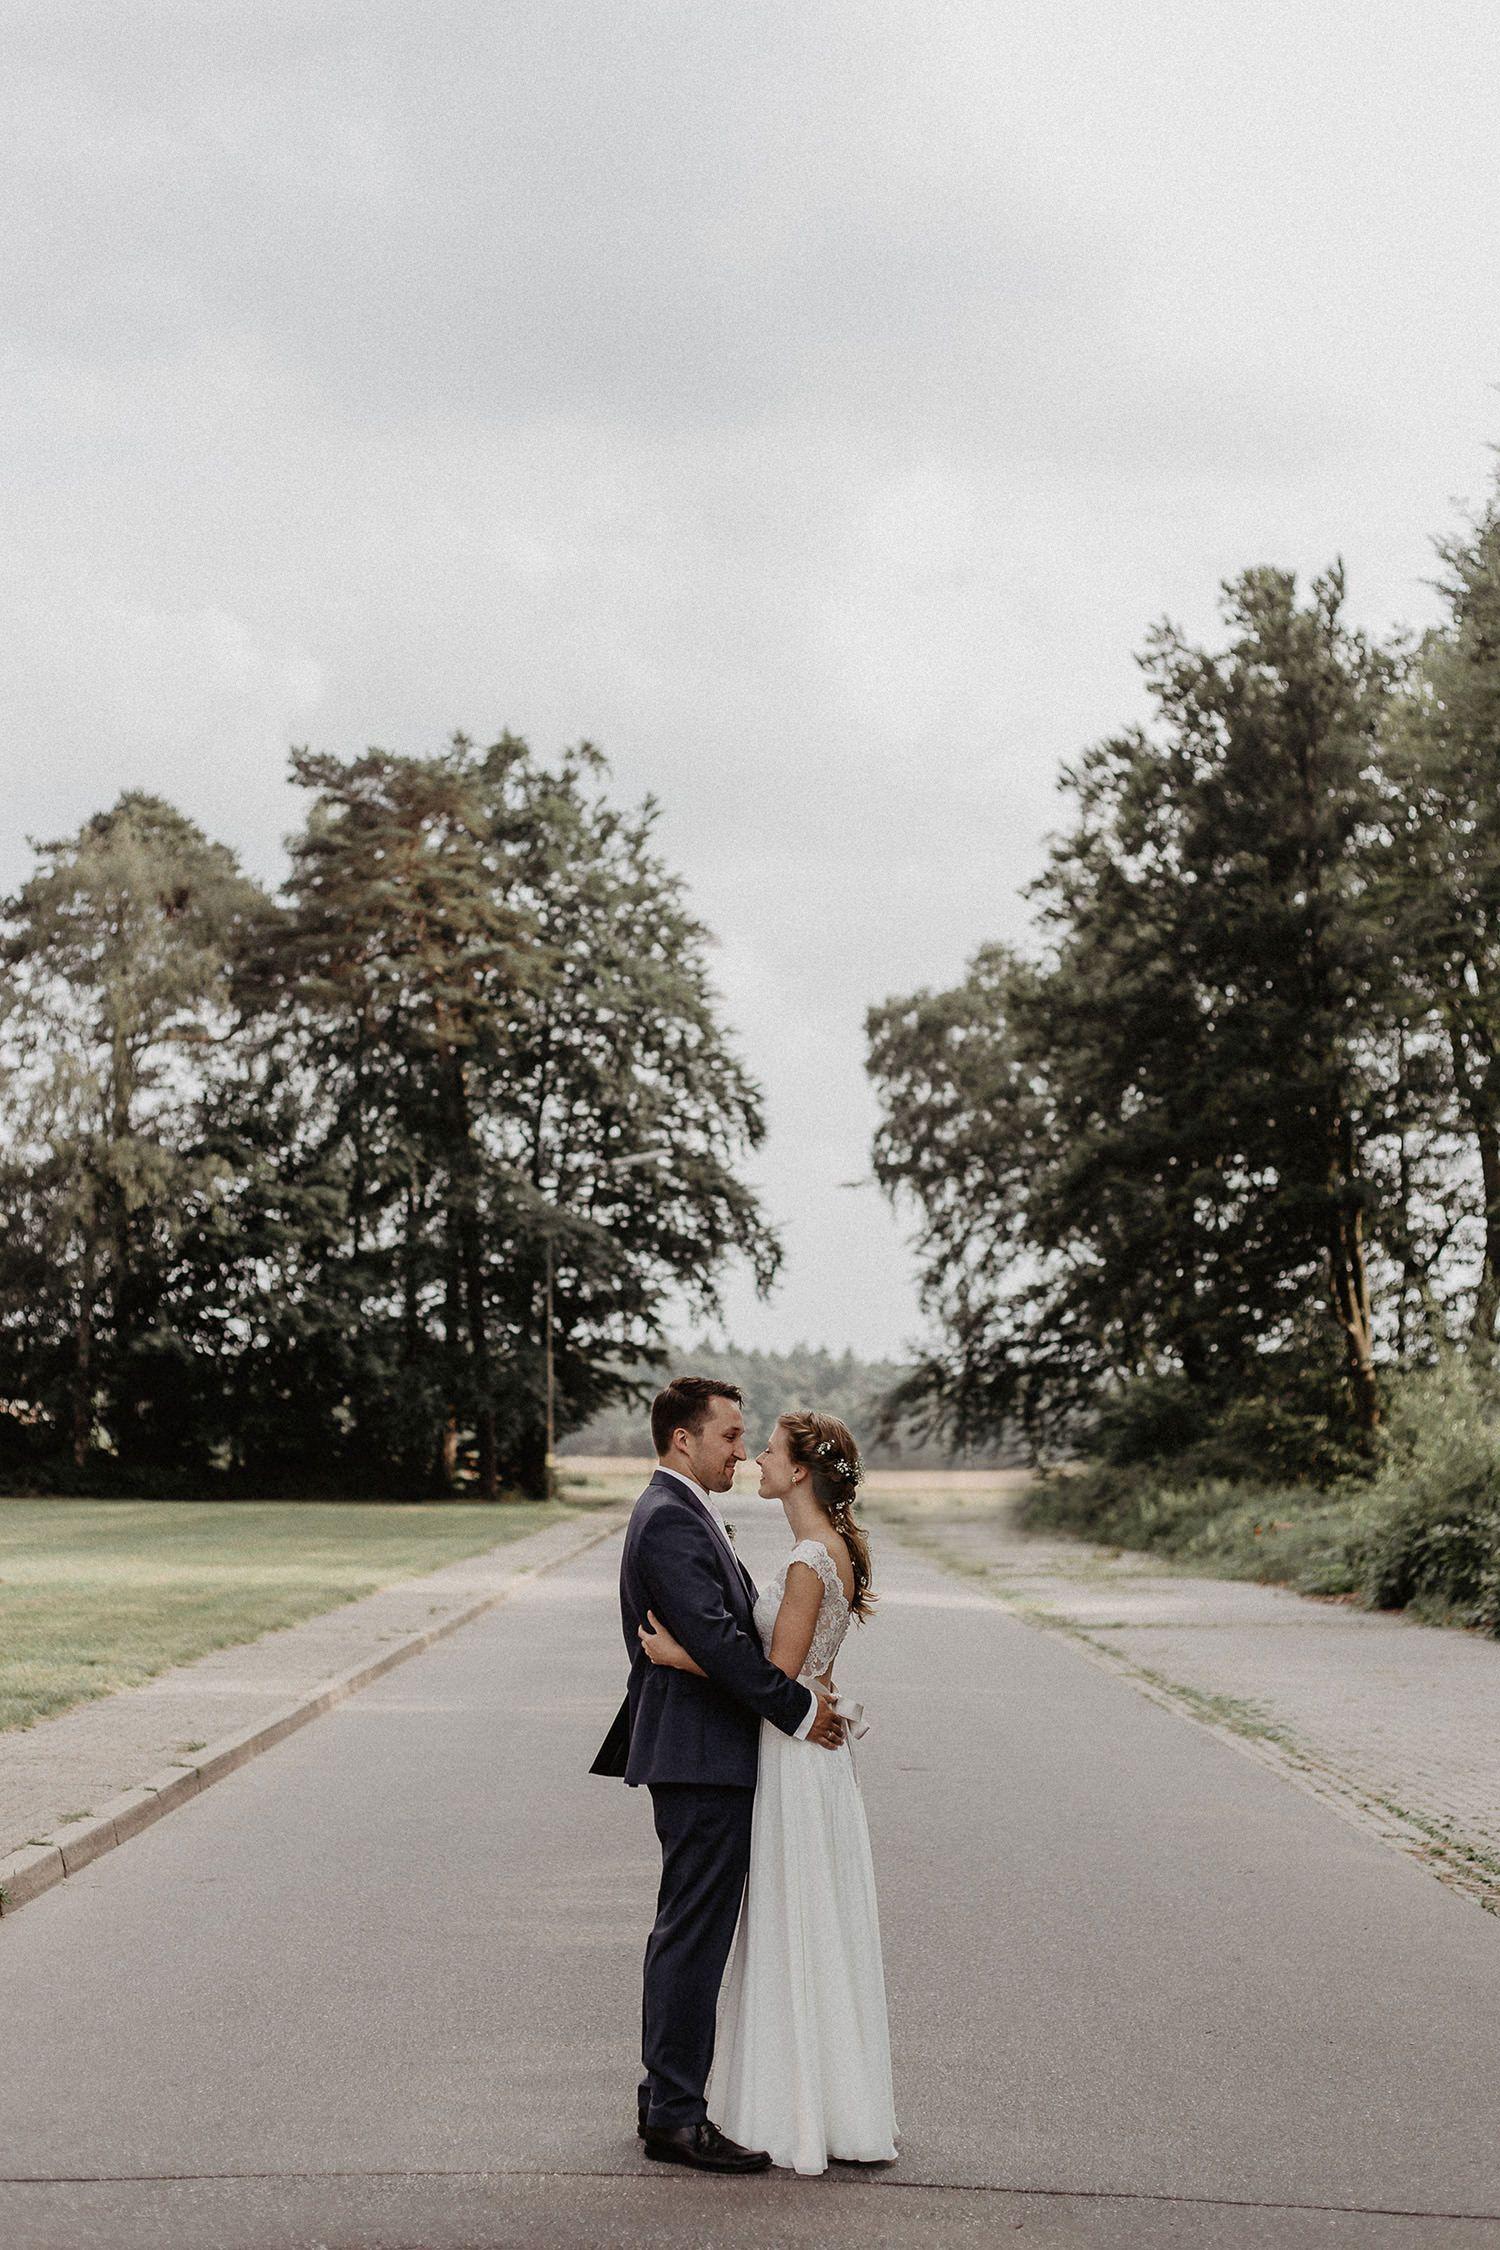 Hochzeit Von Nadine Und Jan Hochzeitsfotografie In Bockhorst